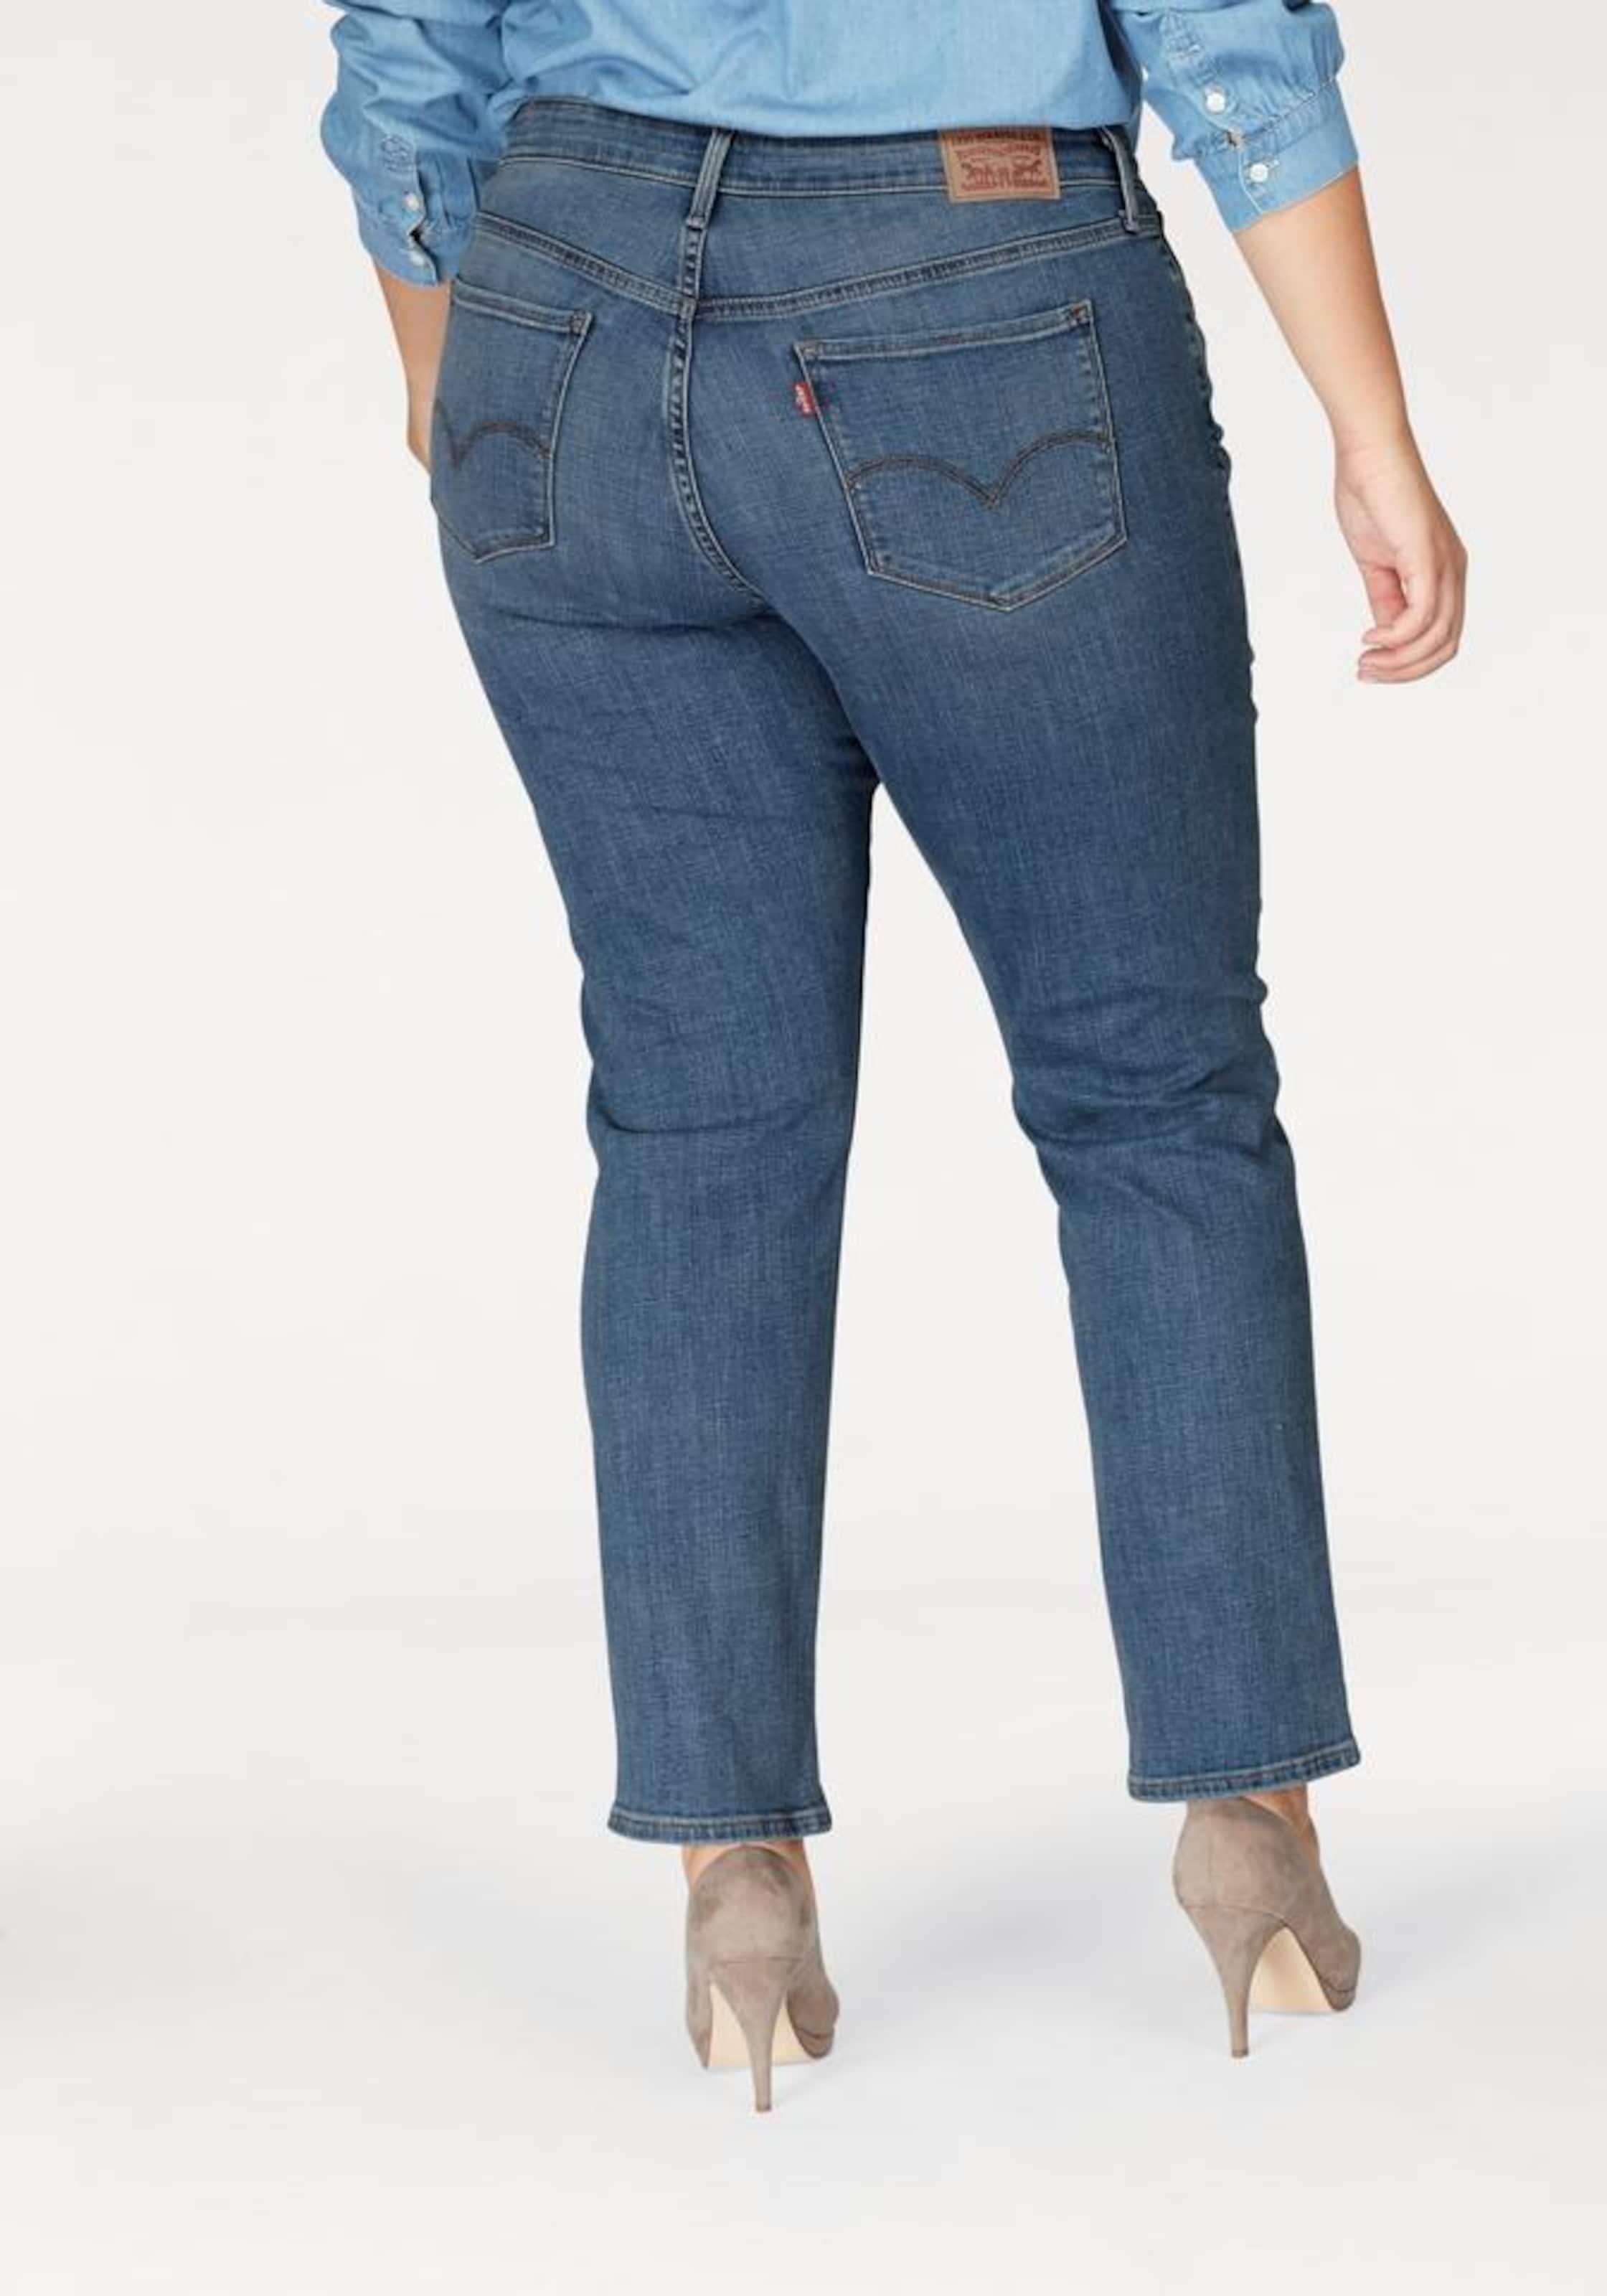 Erscheinungsdaten Authentisch Rabatt Offizielle Seite LEVI'S Straight-Jeans Rabatt Rabatt Großhandelspreis Beliebt yF8Lmo